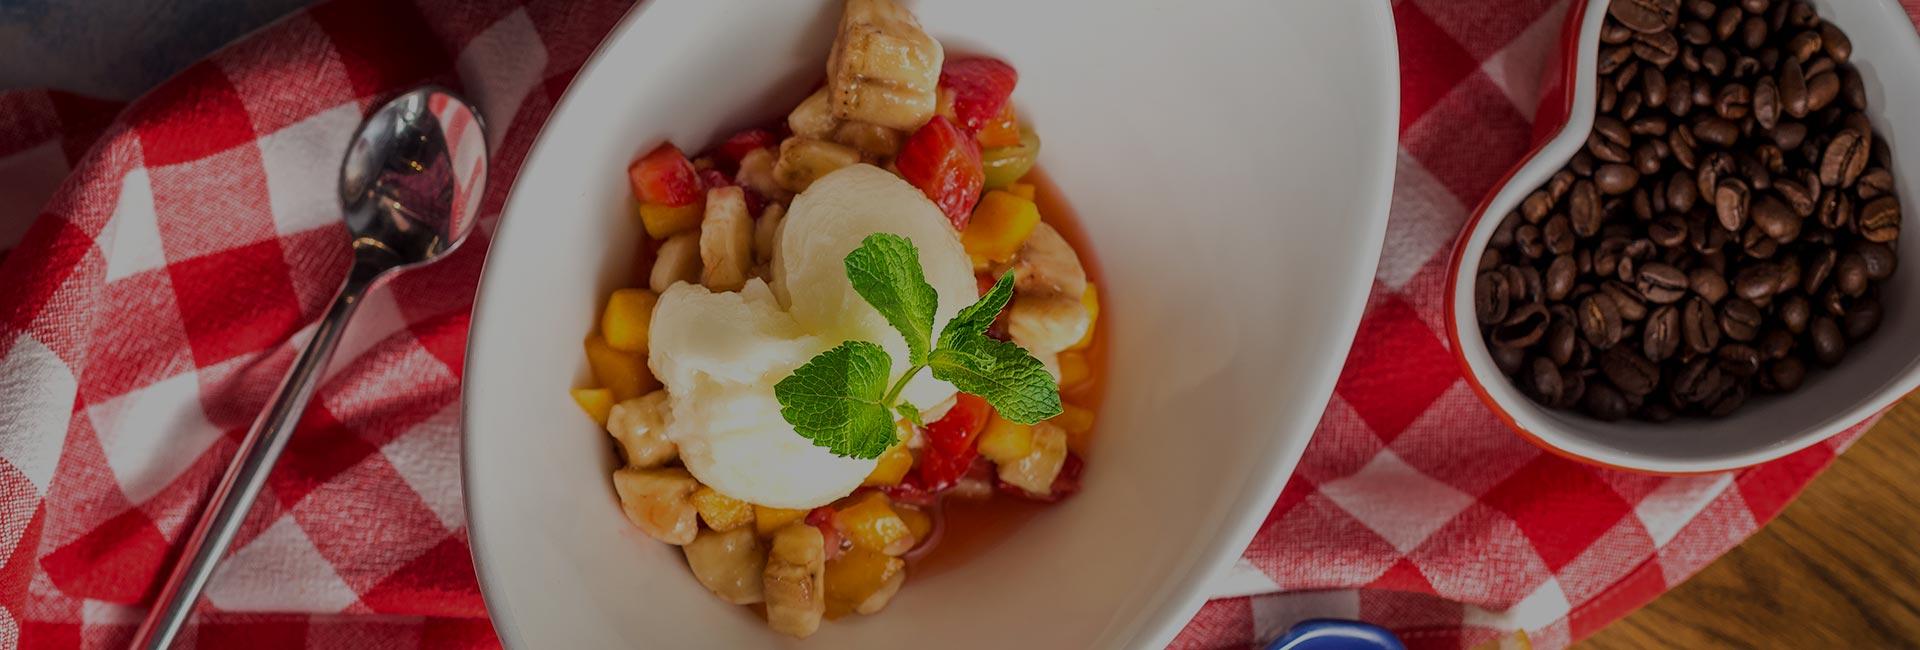 Салат из клубники, банана и персика с домашним сорбетом из лимона и сиропа «Самбука»